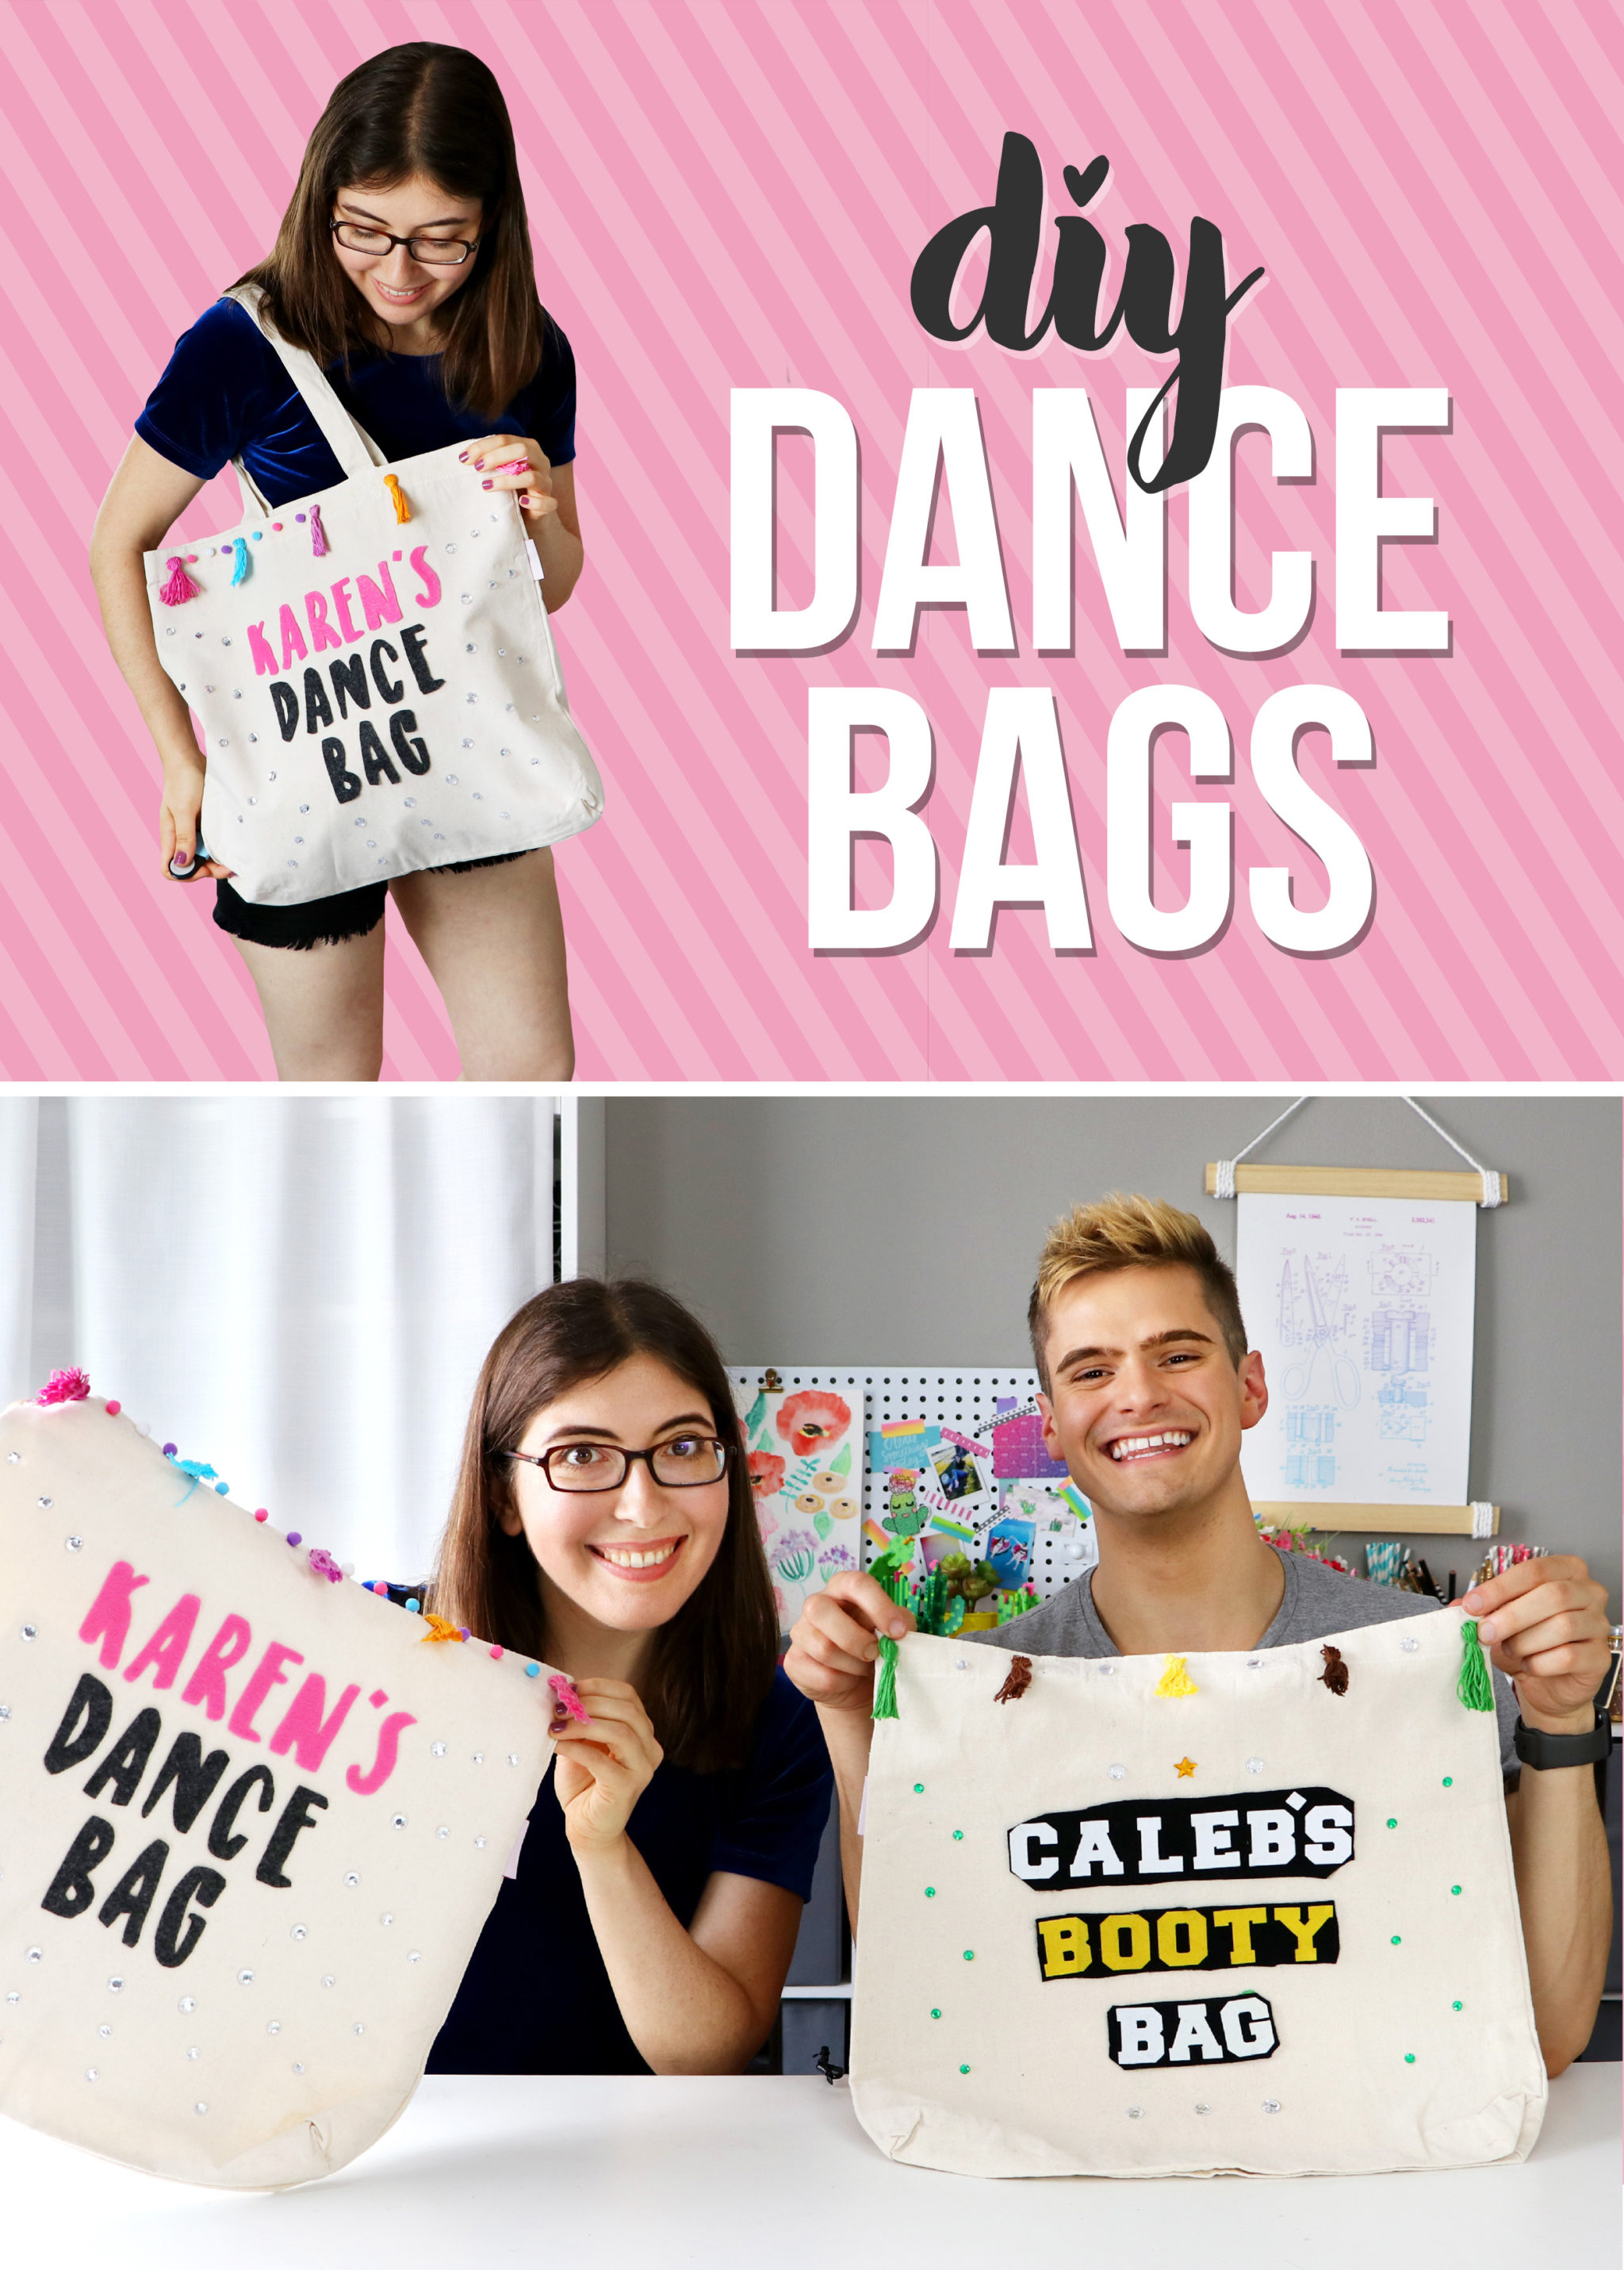 Diy Dance Bags With The Fitness Marshall Karen Kavett